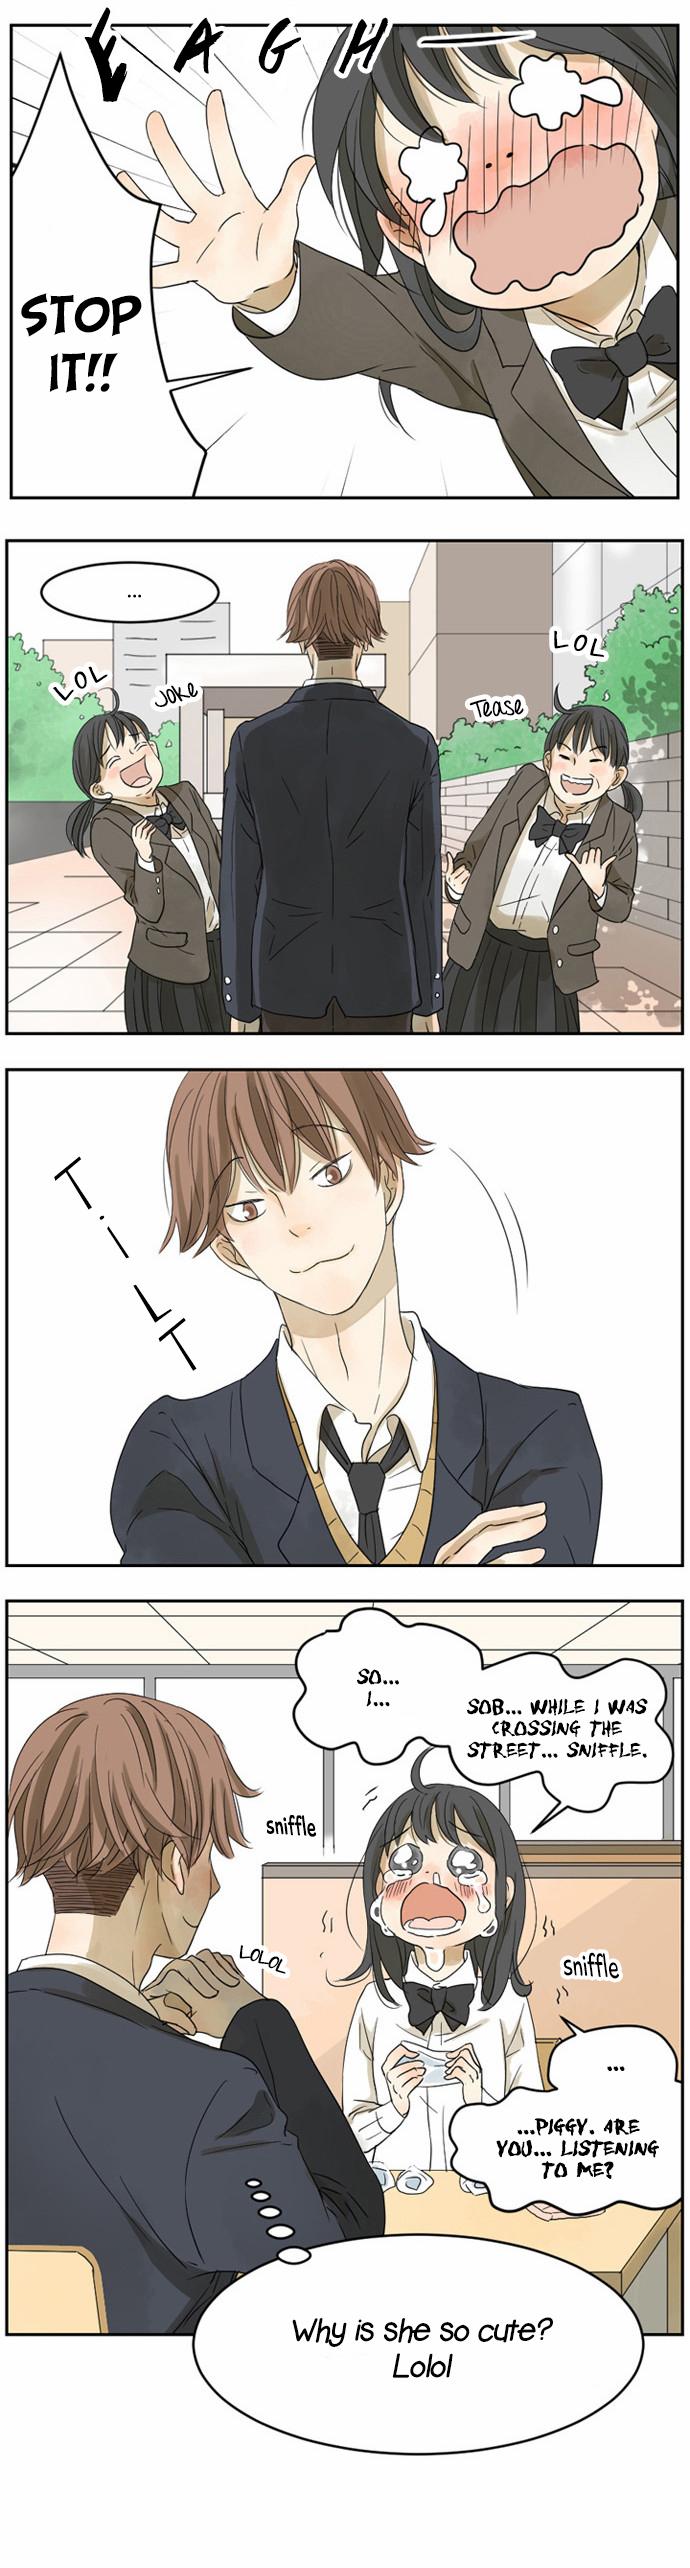 My Boyfriend - Chapter 4